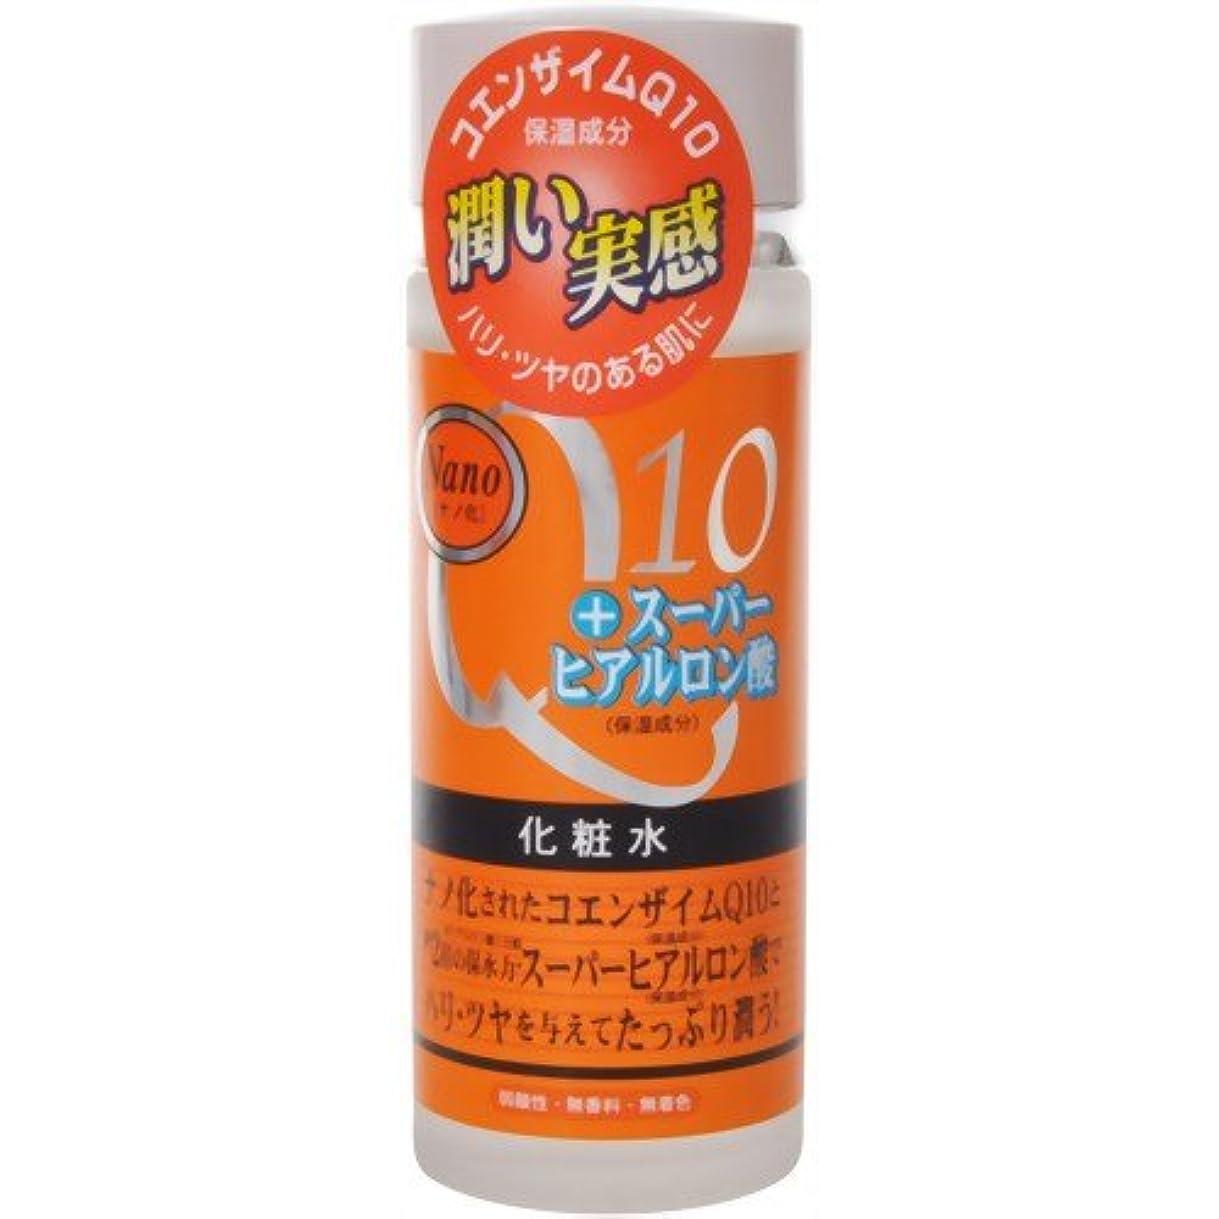 オーナメント不運レイナノ化?コエンザイムQ10&スーパーヒアルロン酸化粧水 120ml